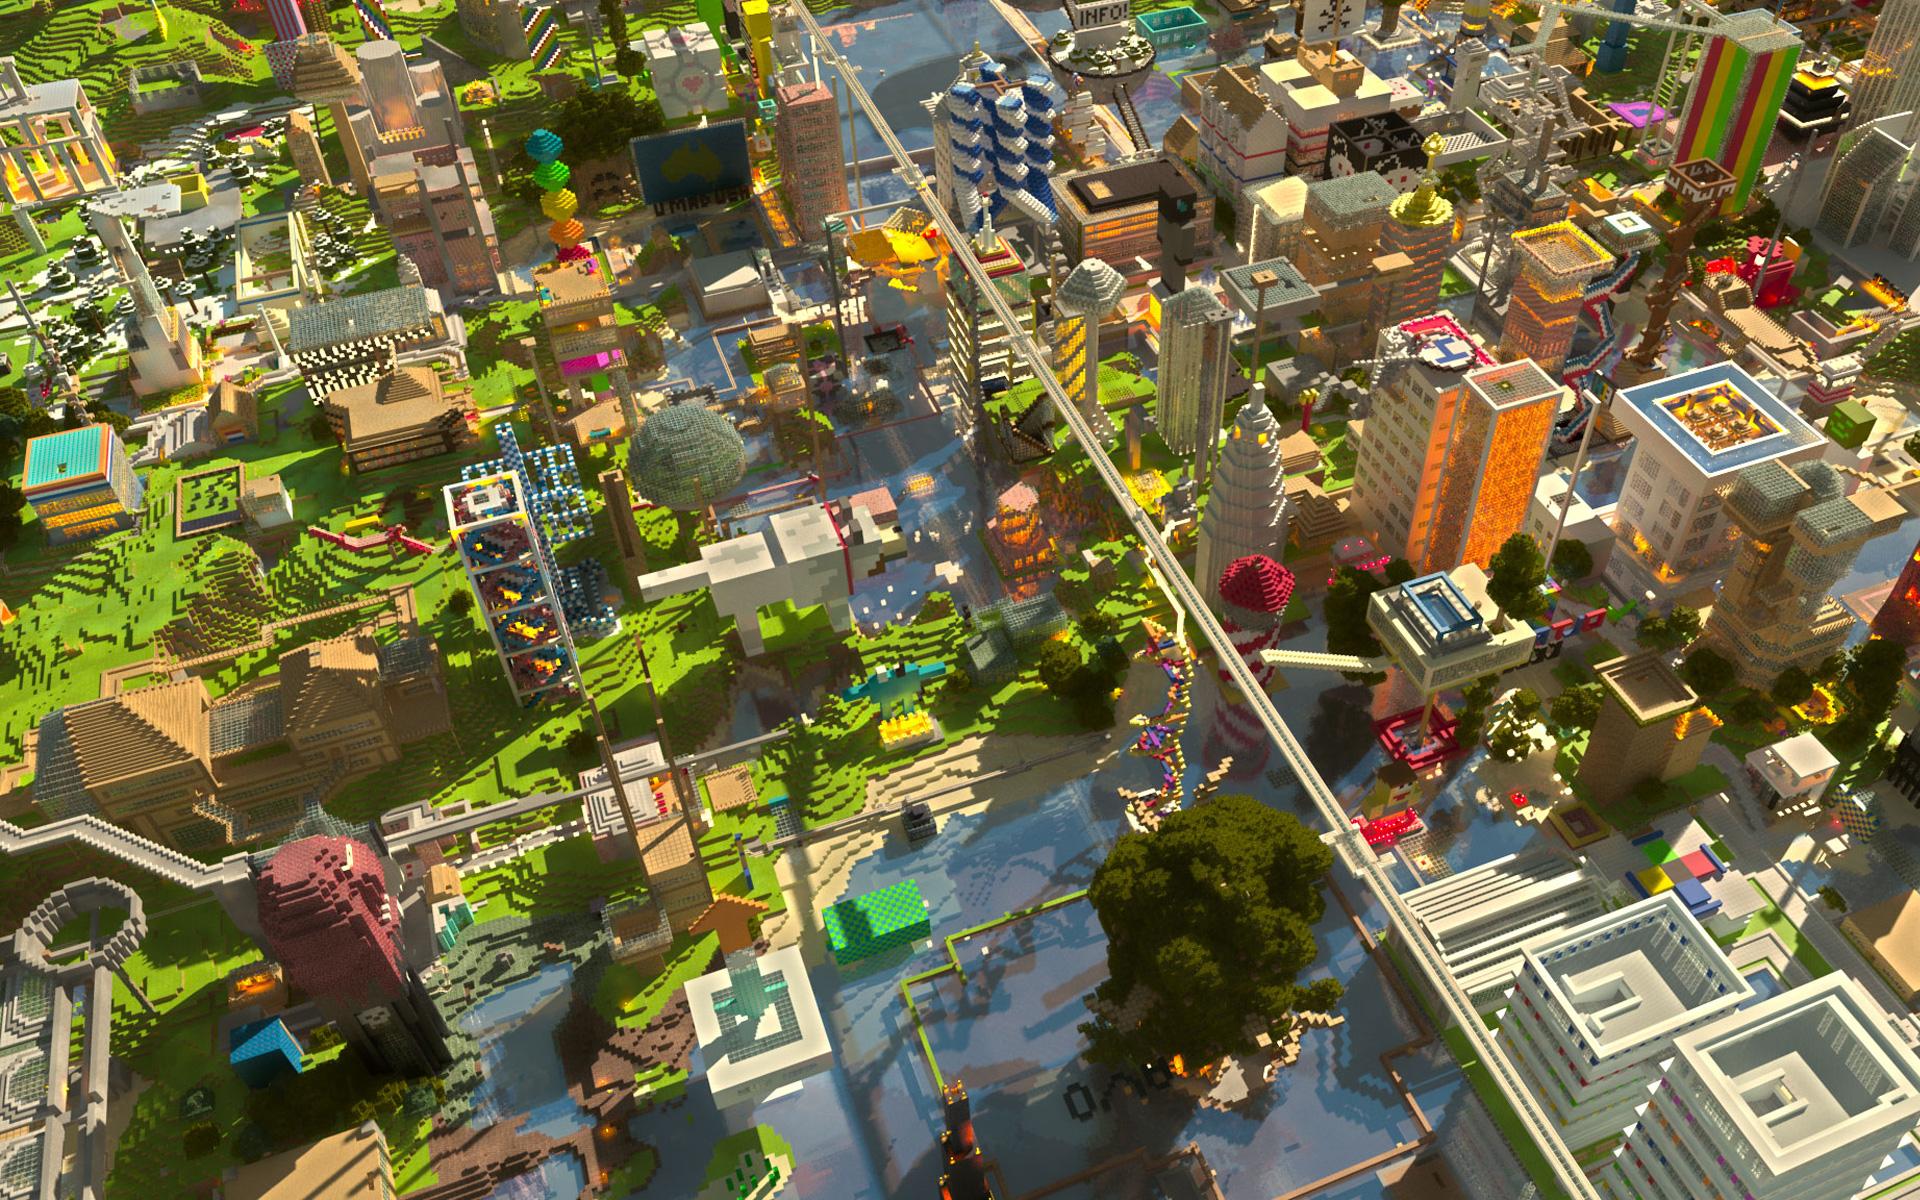 Hình nền thành phố trong Minecraft